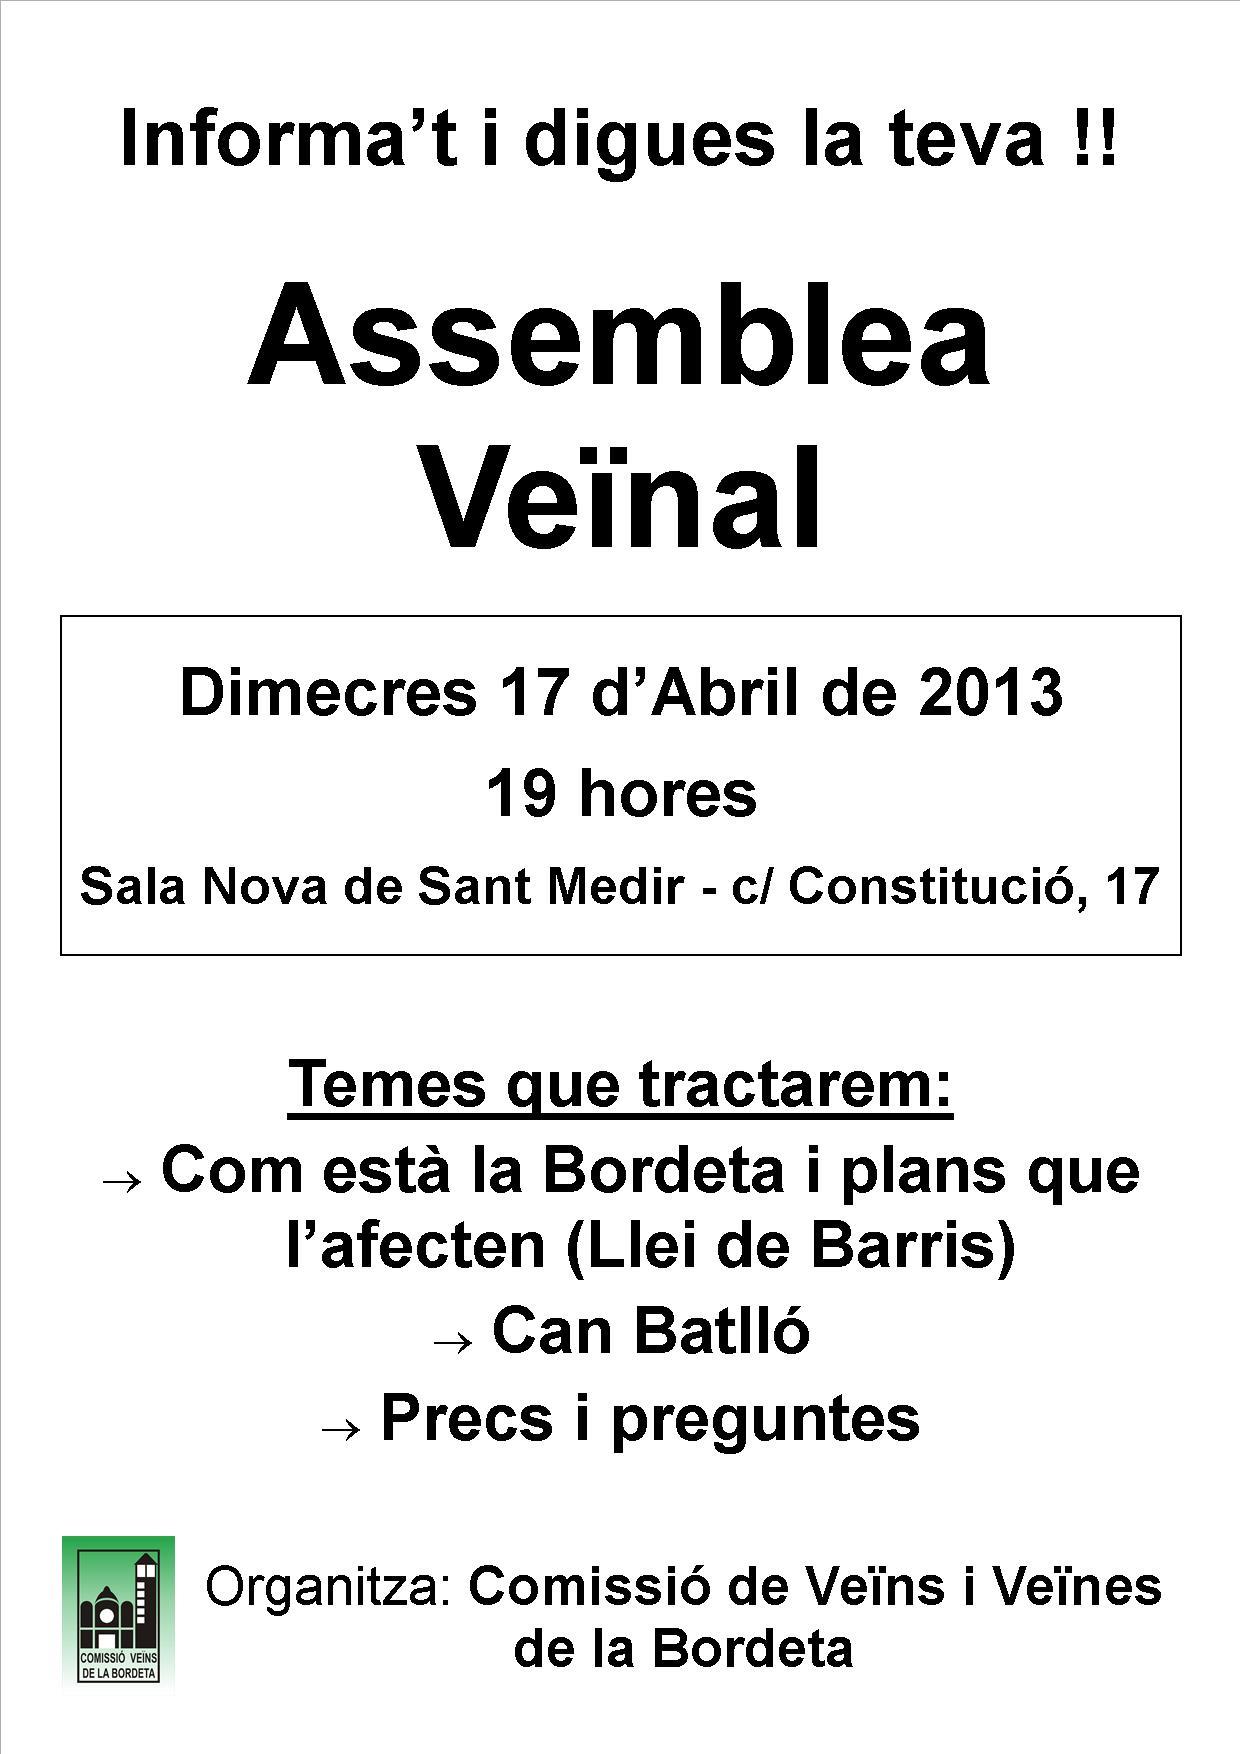 La Comissió de Veïns i Veïnes de la Bordeta convoca assemblea veïnal